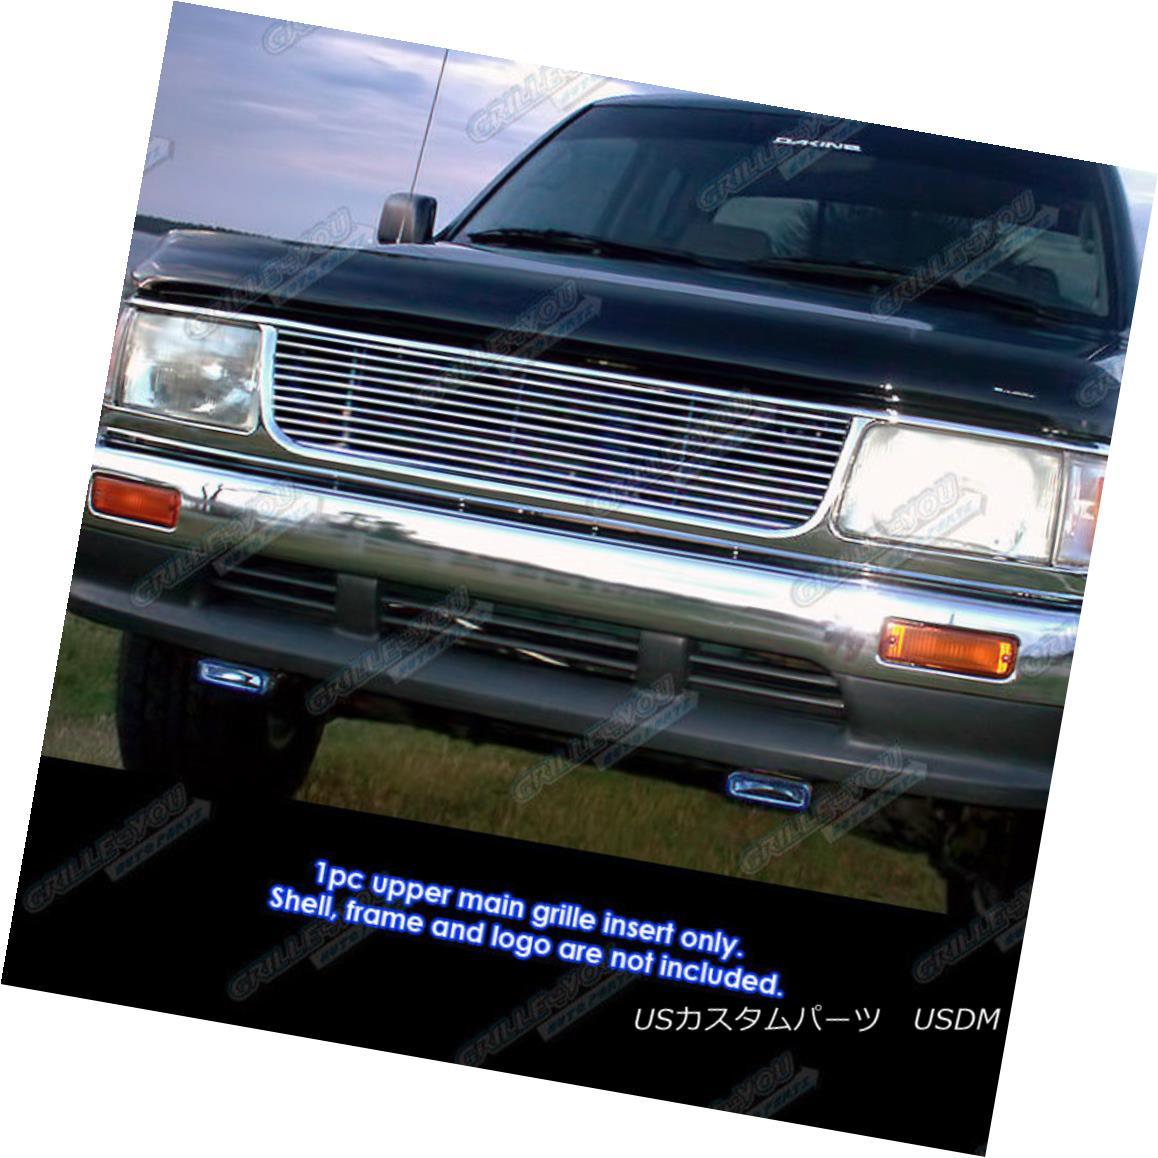 グリル Fits 93-99 Toyota T-100 Main Upper Billet Grille Insert フィッティング93-99トヨタT-100メインアッパービレットグリルインサート